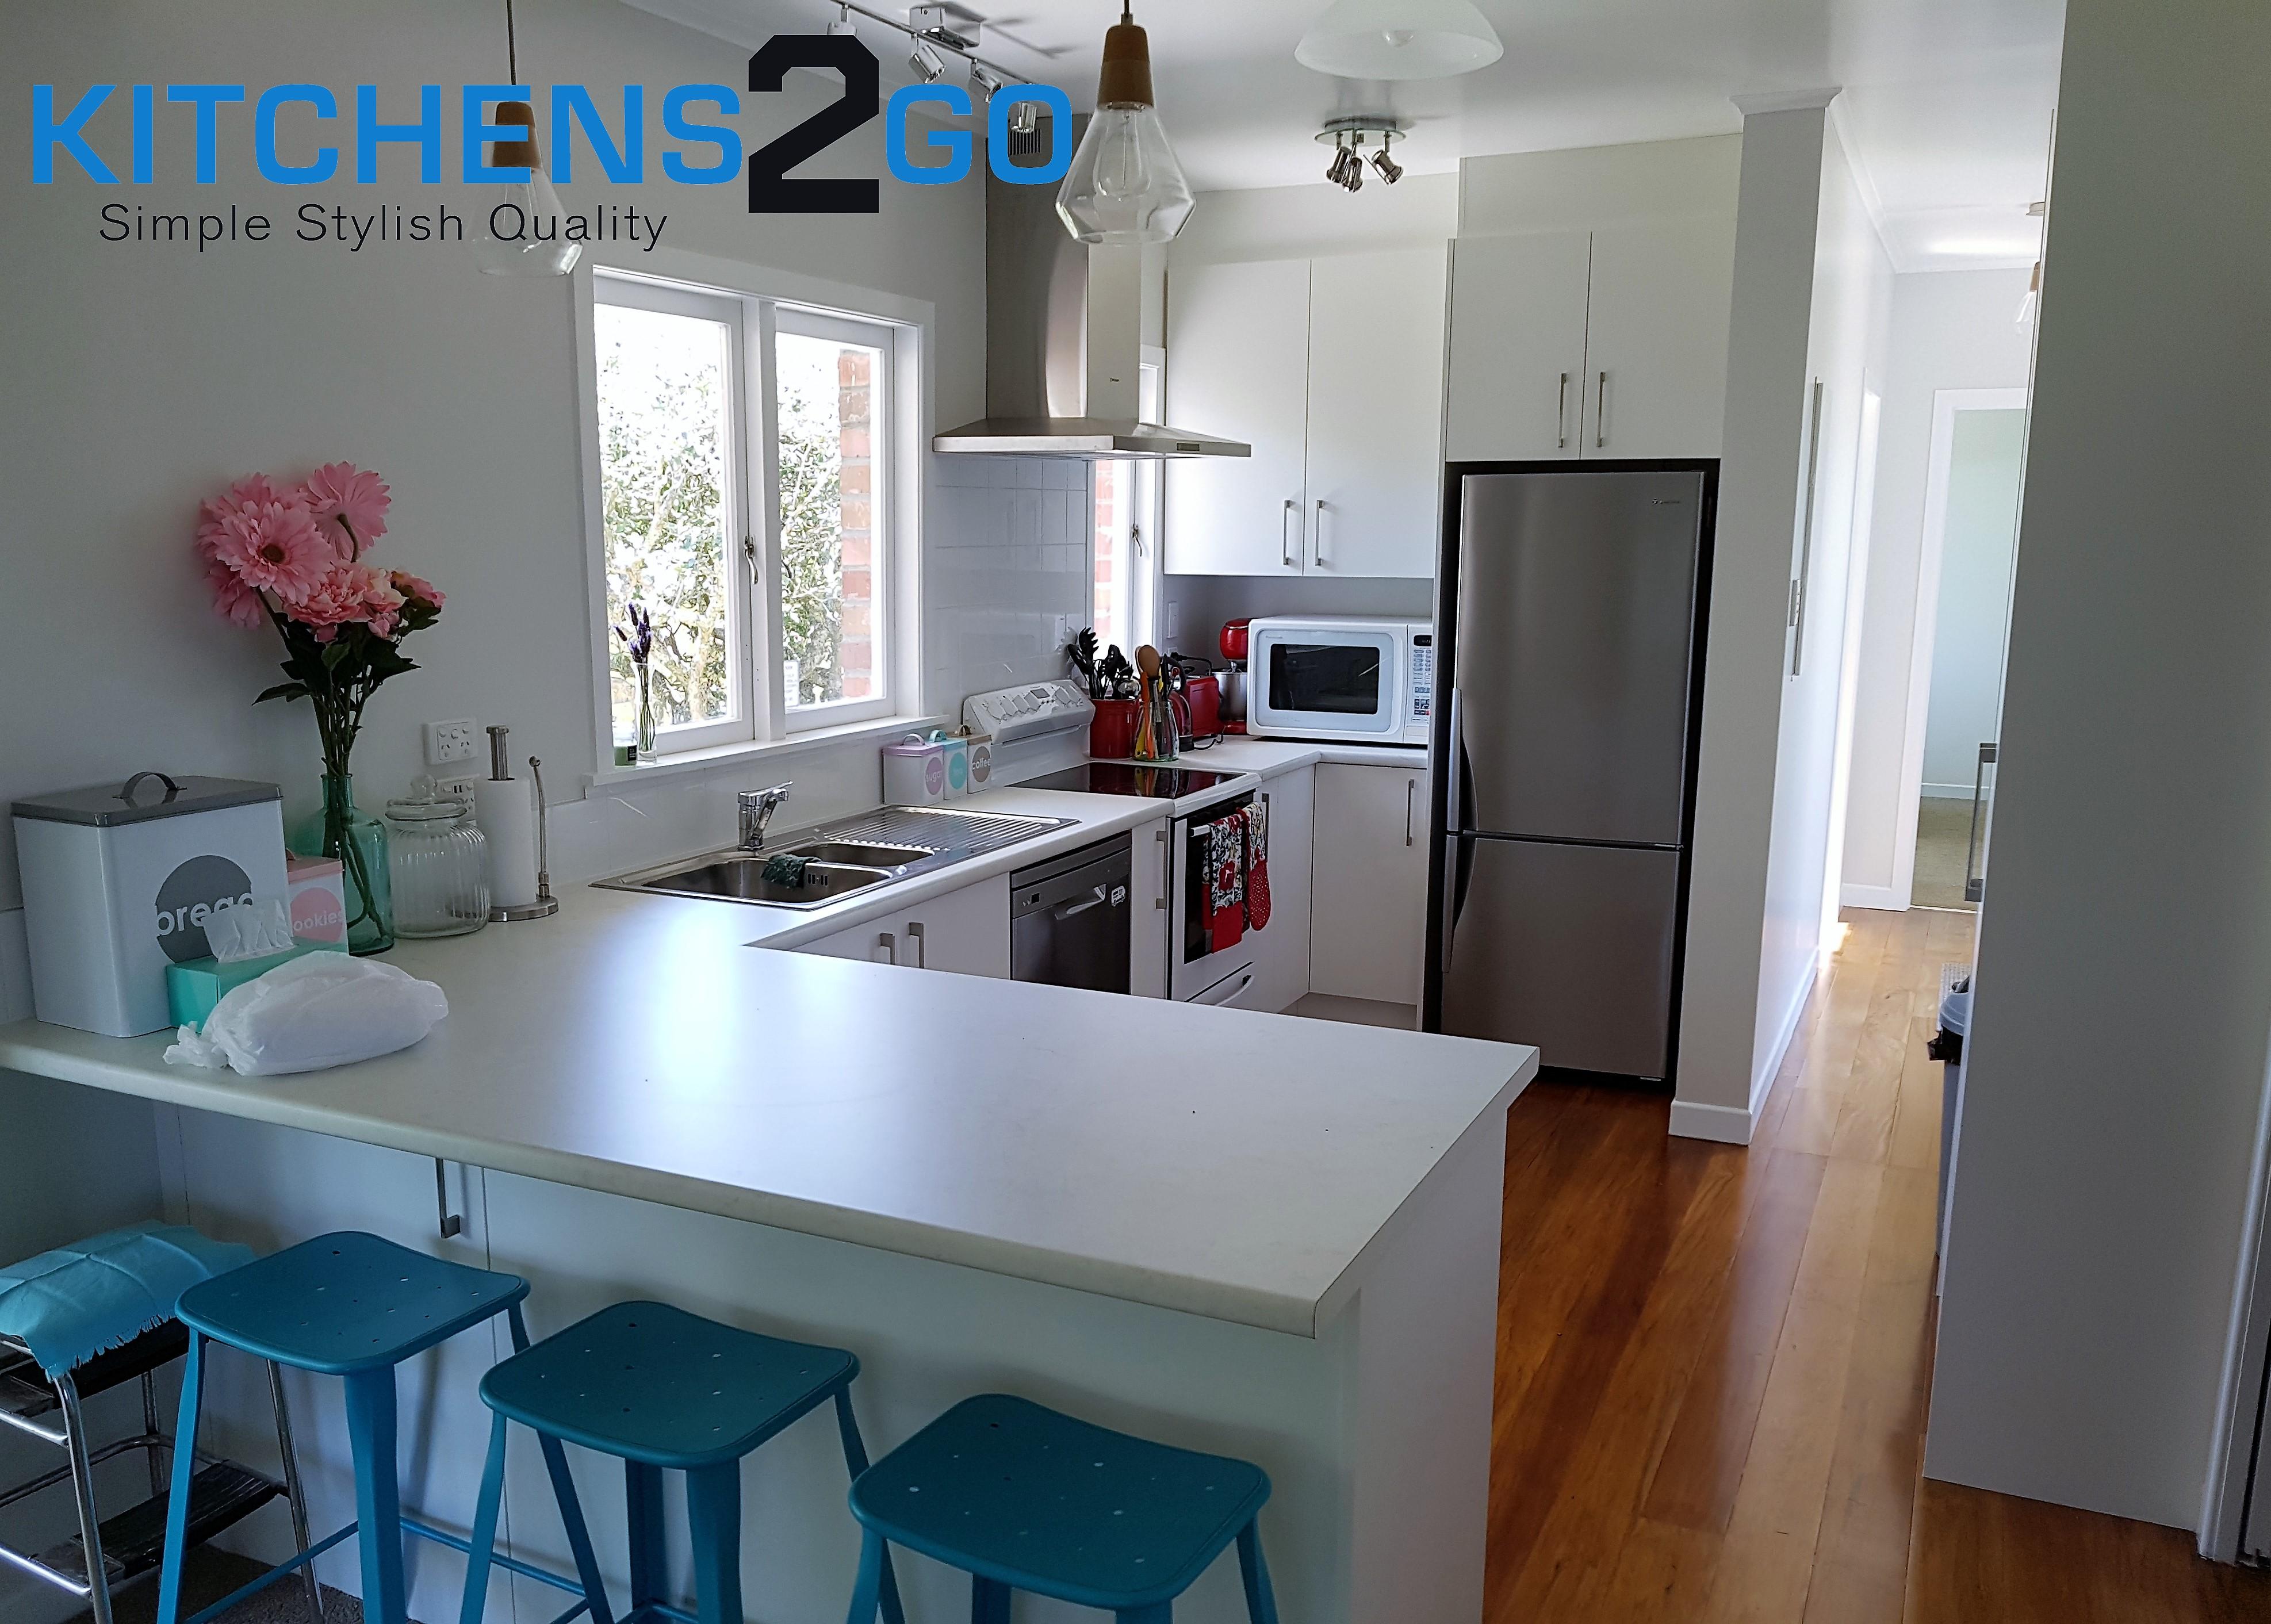 U shaped kitchen - white on white